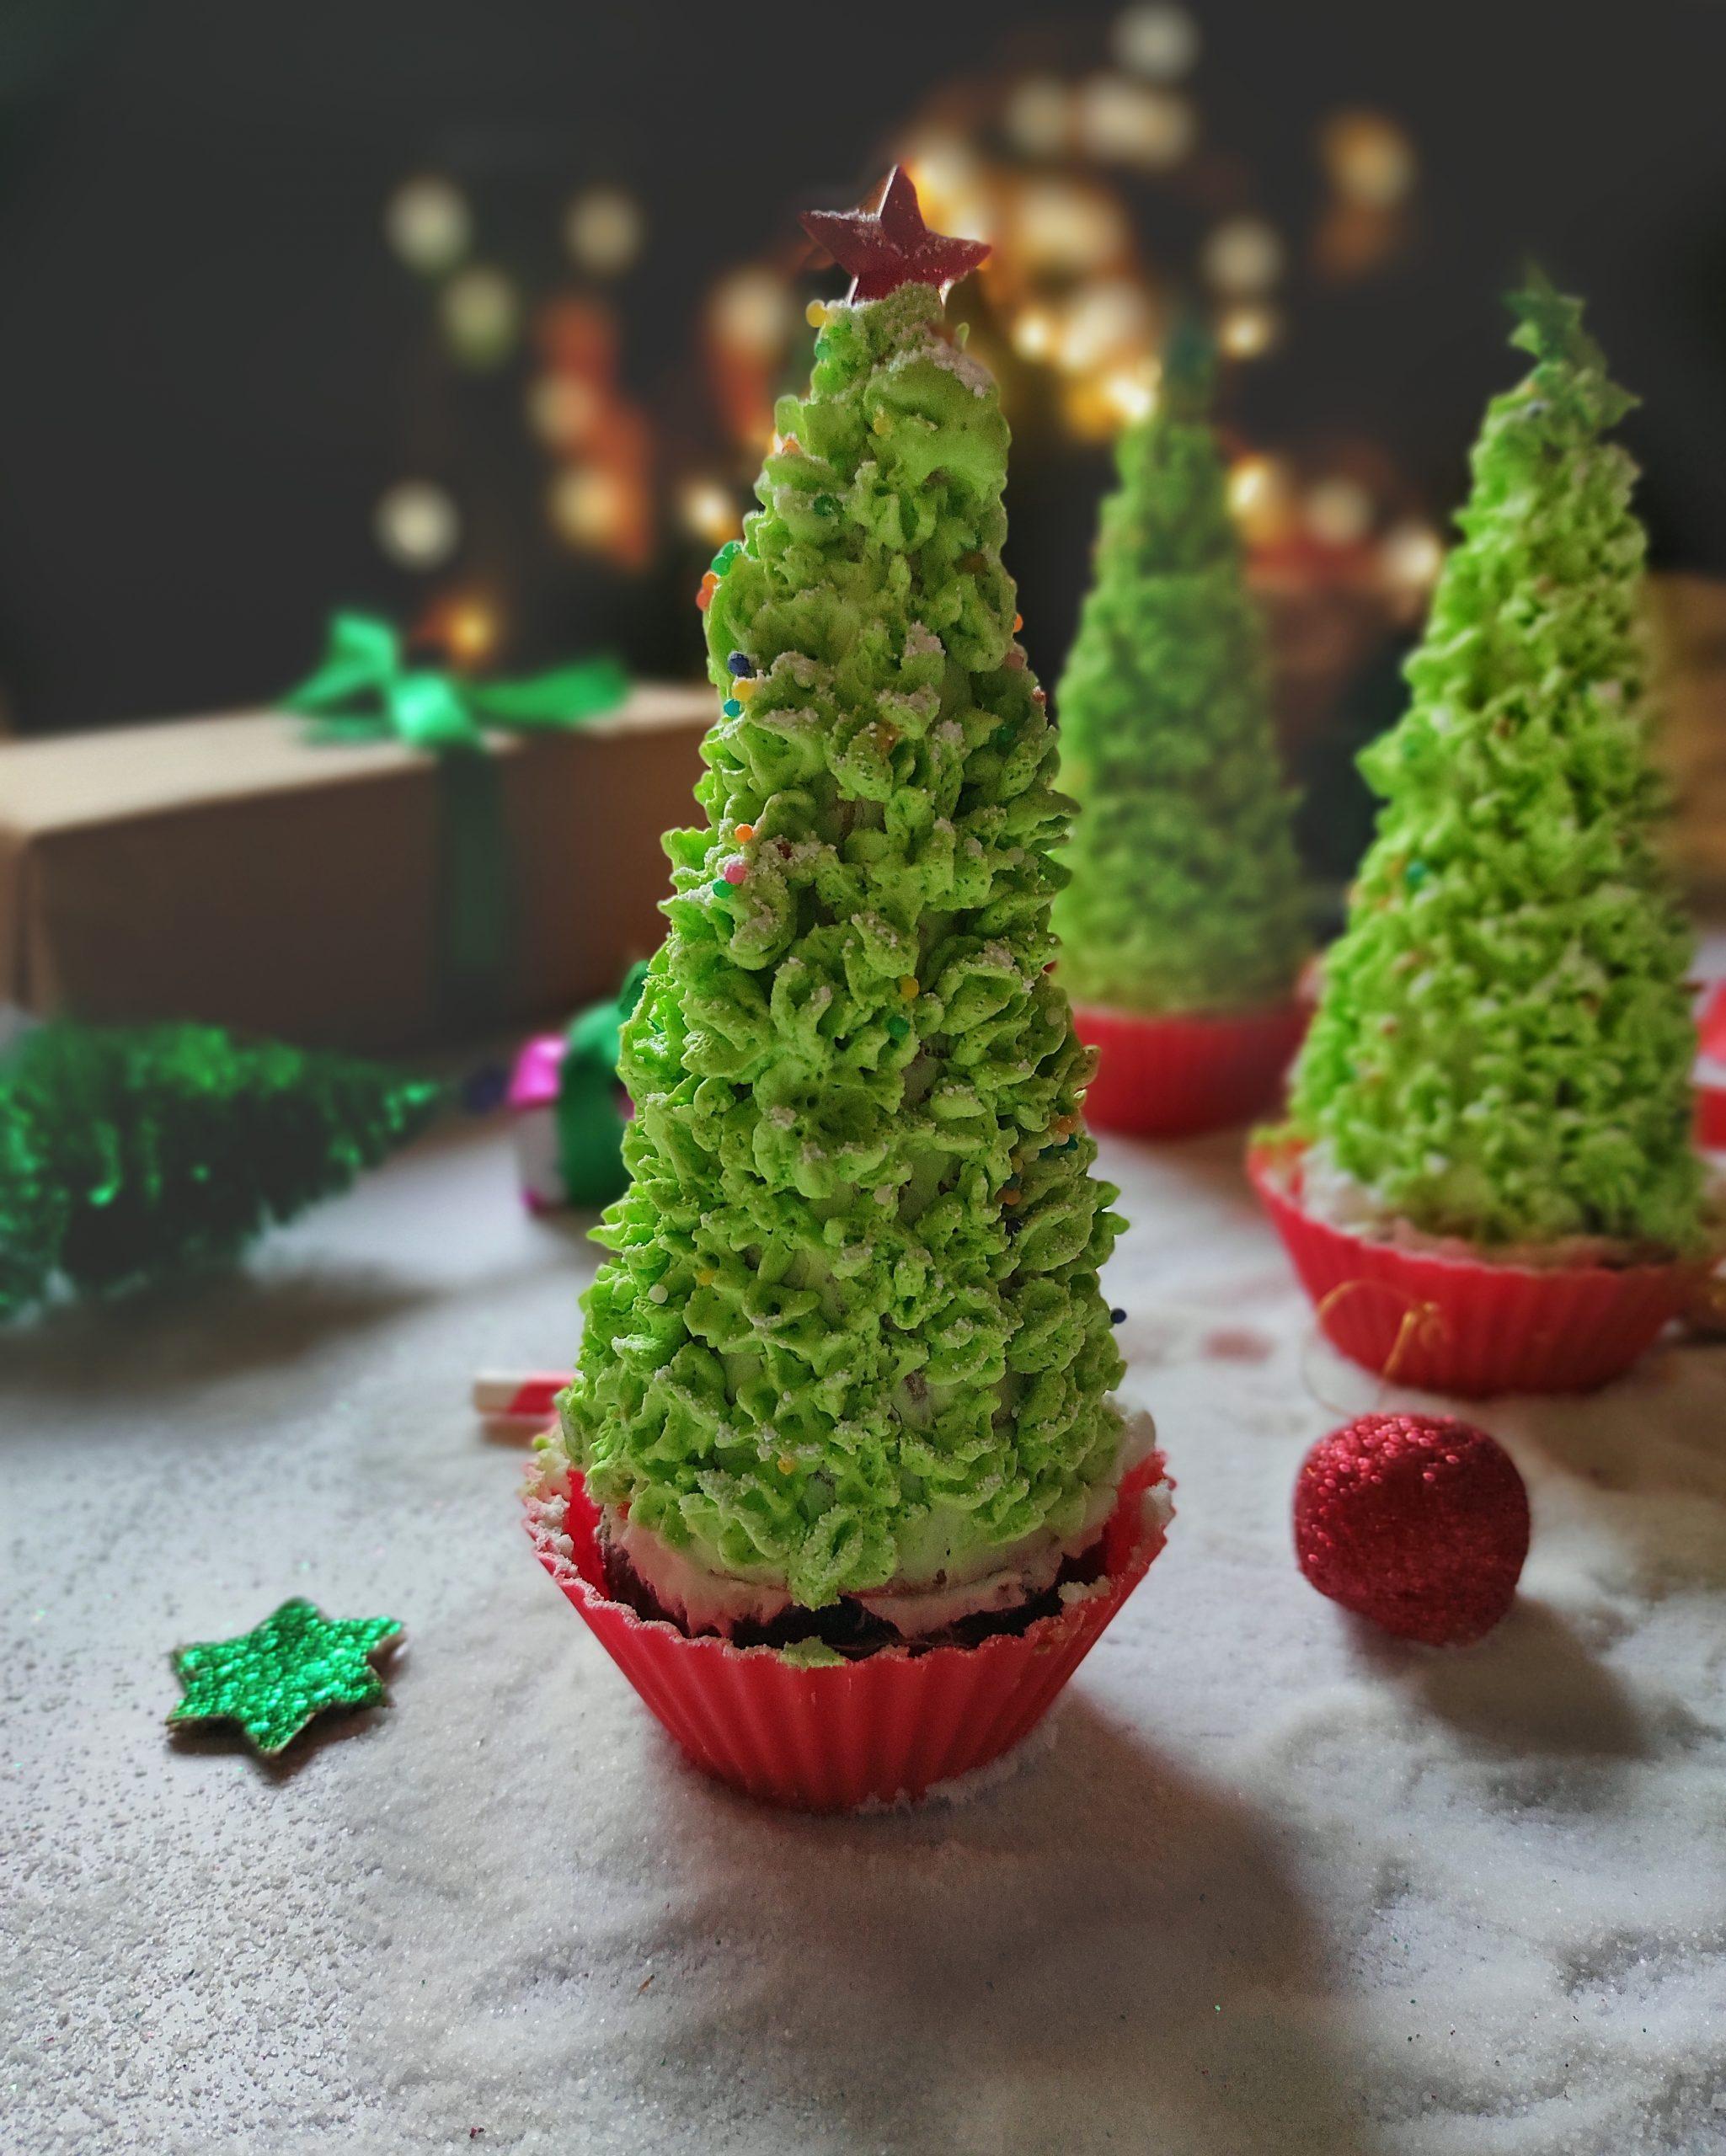 cupcakes as Christmas tree